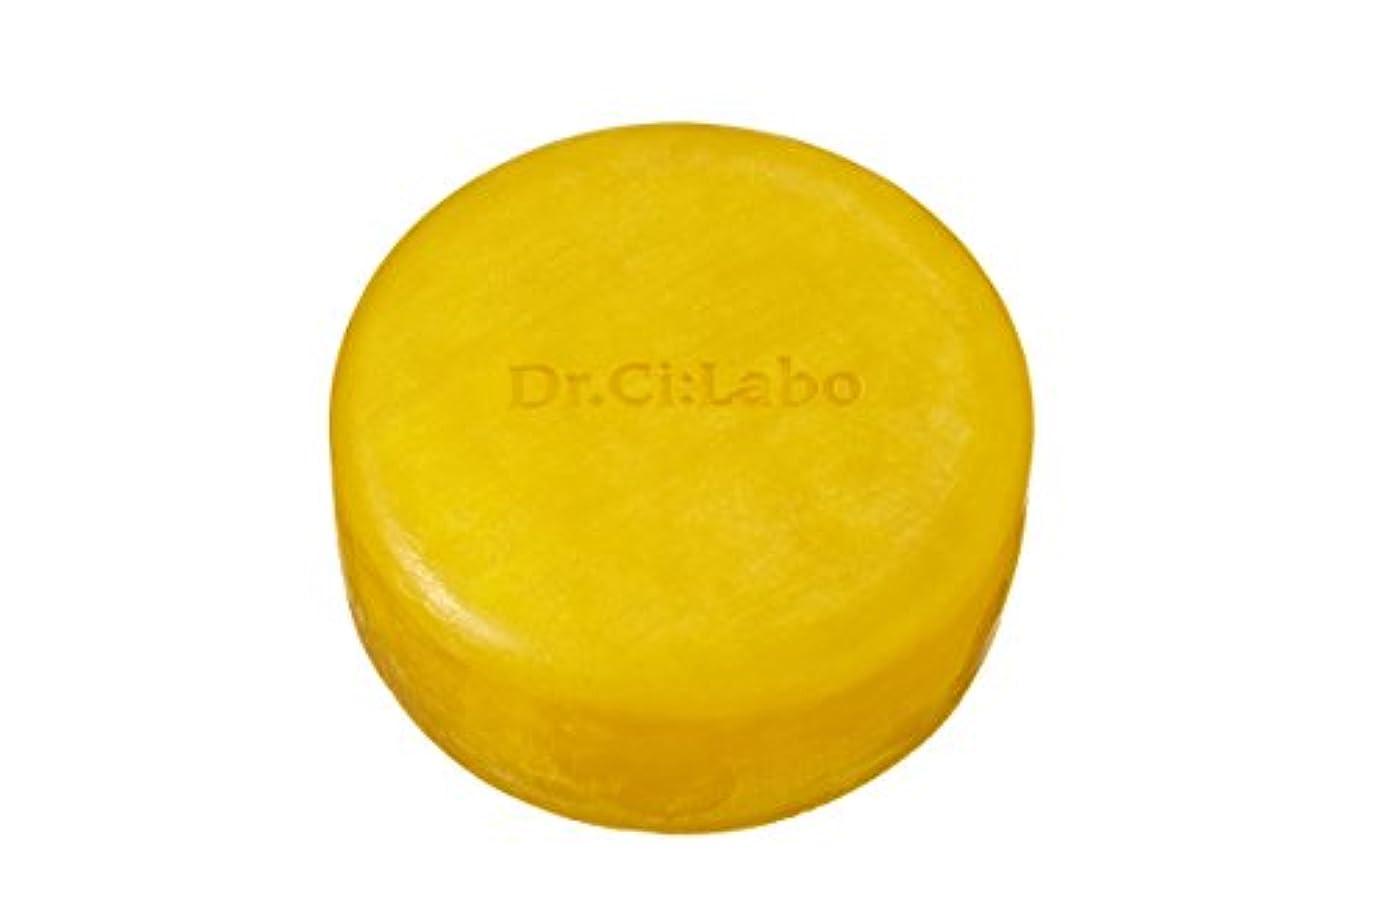 途方もない冷える遅滞ドクターシーラボ エンリッチリフトソープEX 角質オフ石鹸 100g 洗顔石鹸